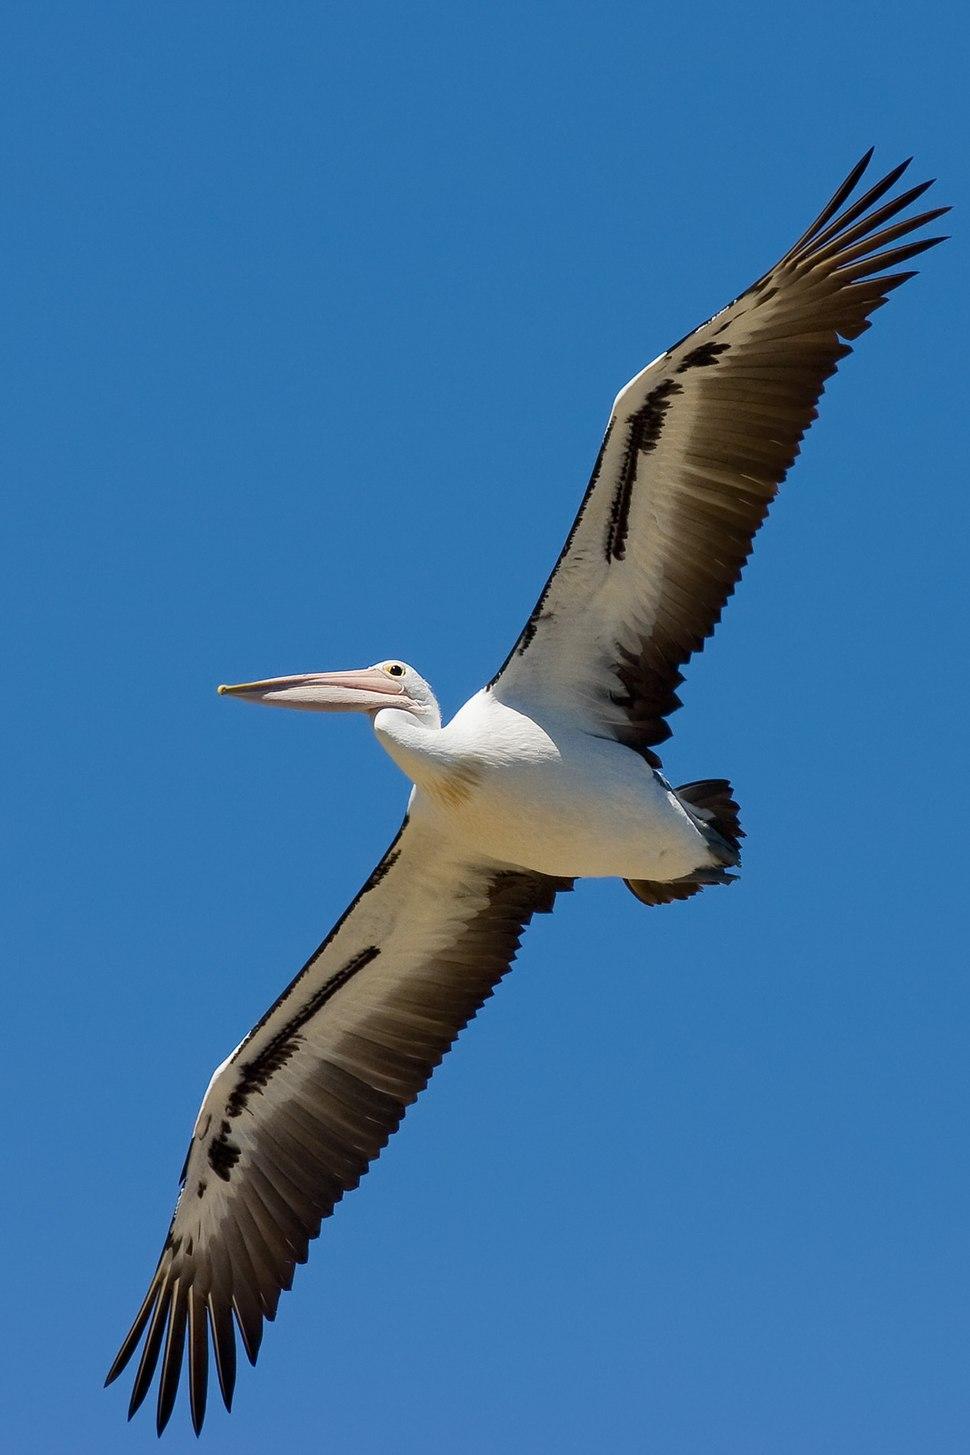 Australian pelican in flight